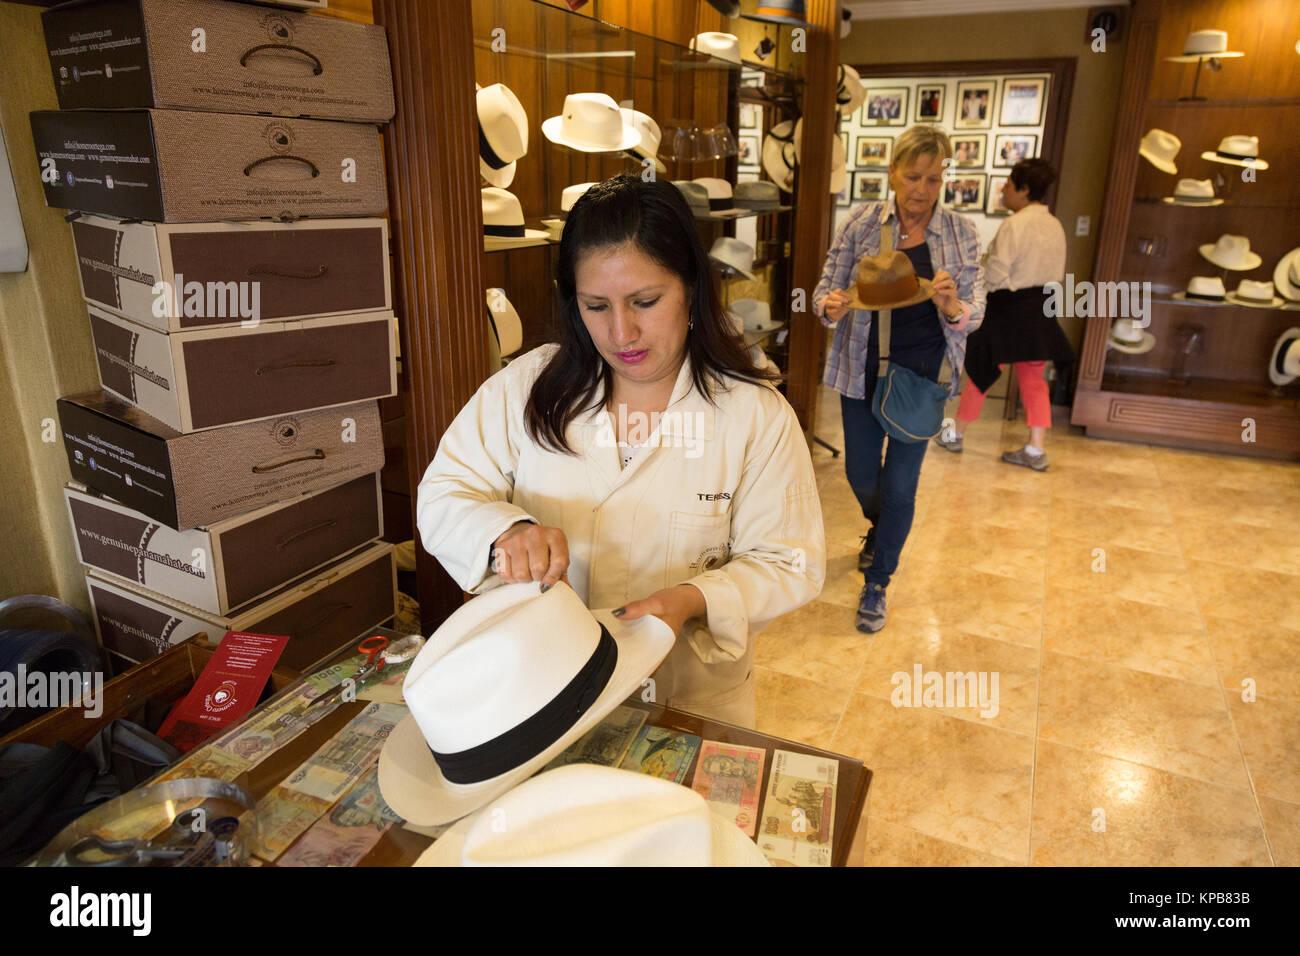 Una donna vendita di Panama cappelli in un cappello di Panama negozio della  fabbrica d40064307414